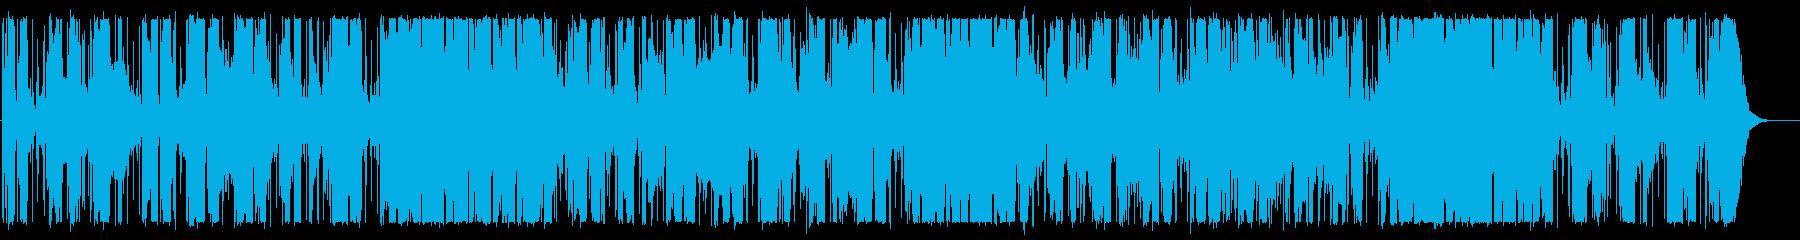 エレキギターが切ない大人雰囲気のBGMの再生済みの波形